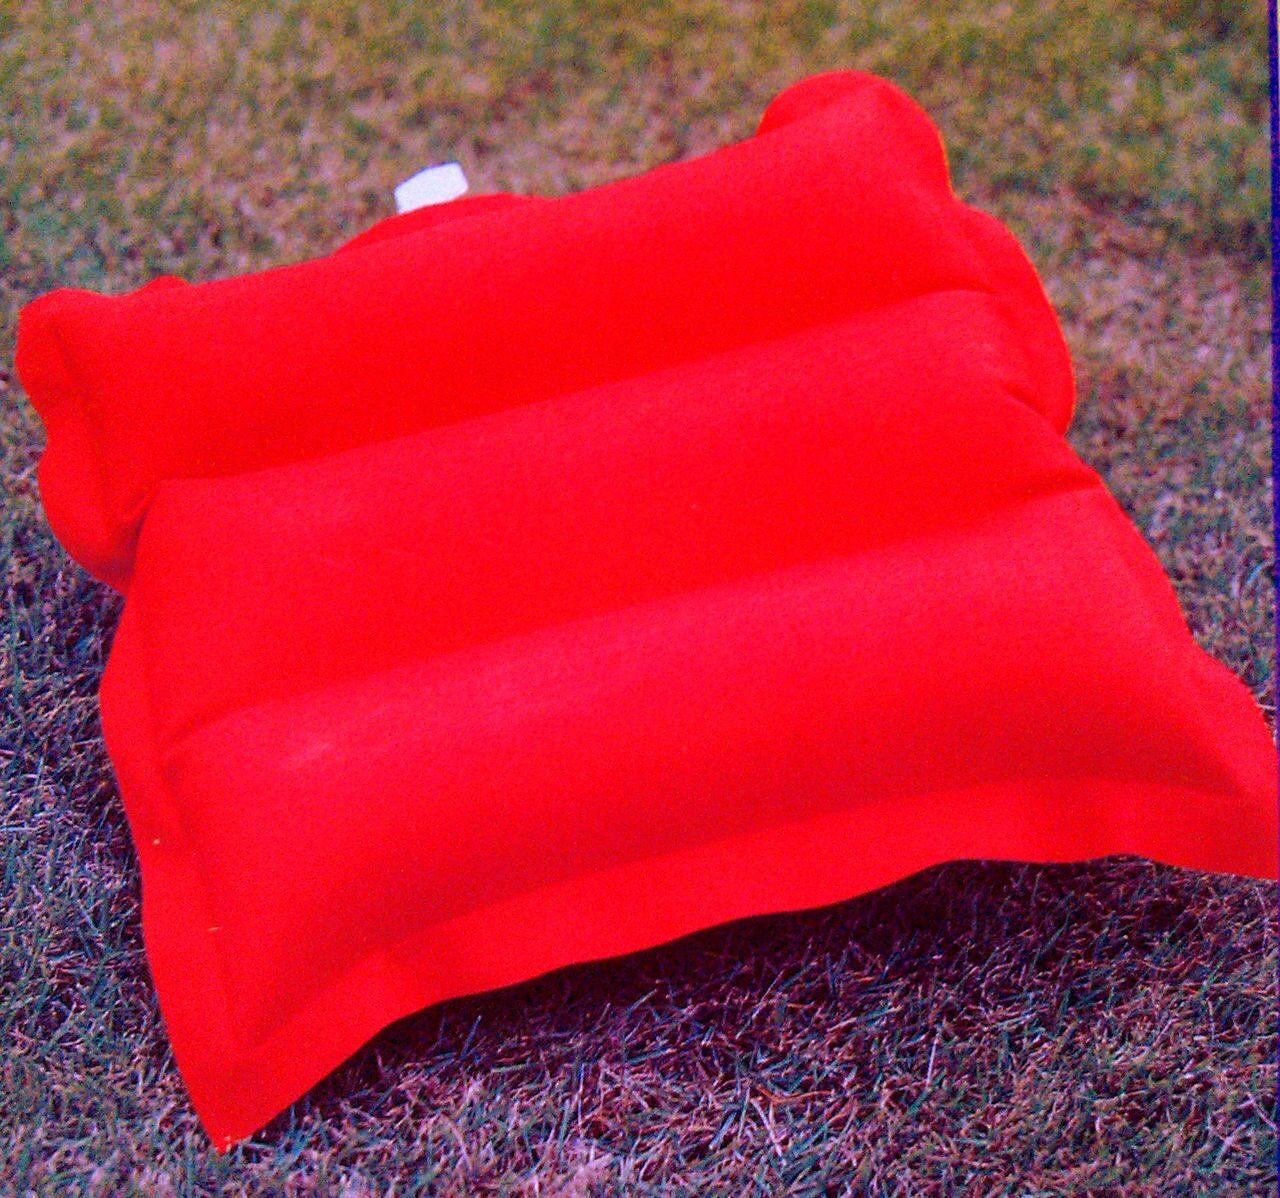 Фото красной подушки 5 фотография